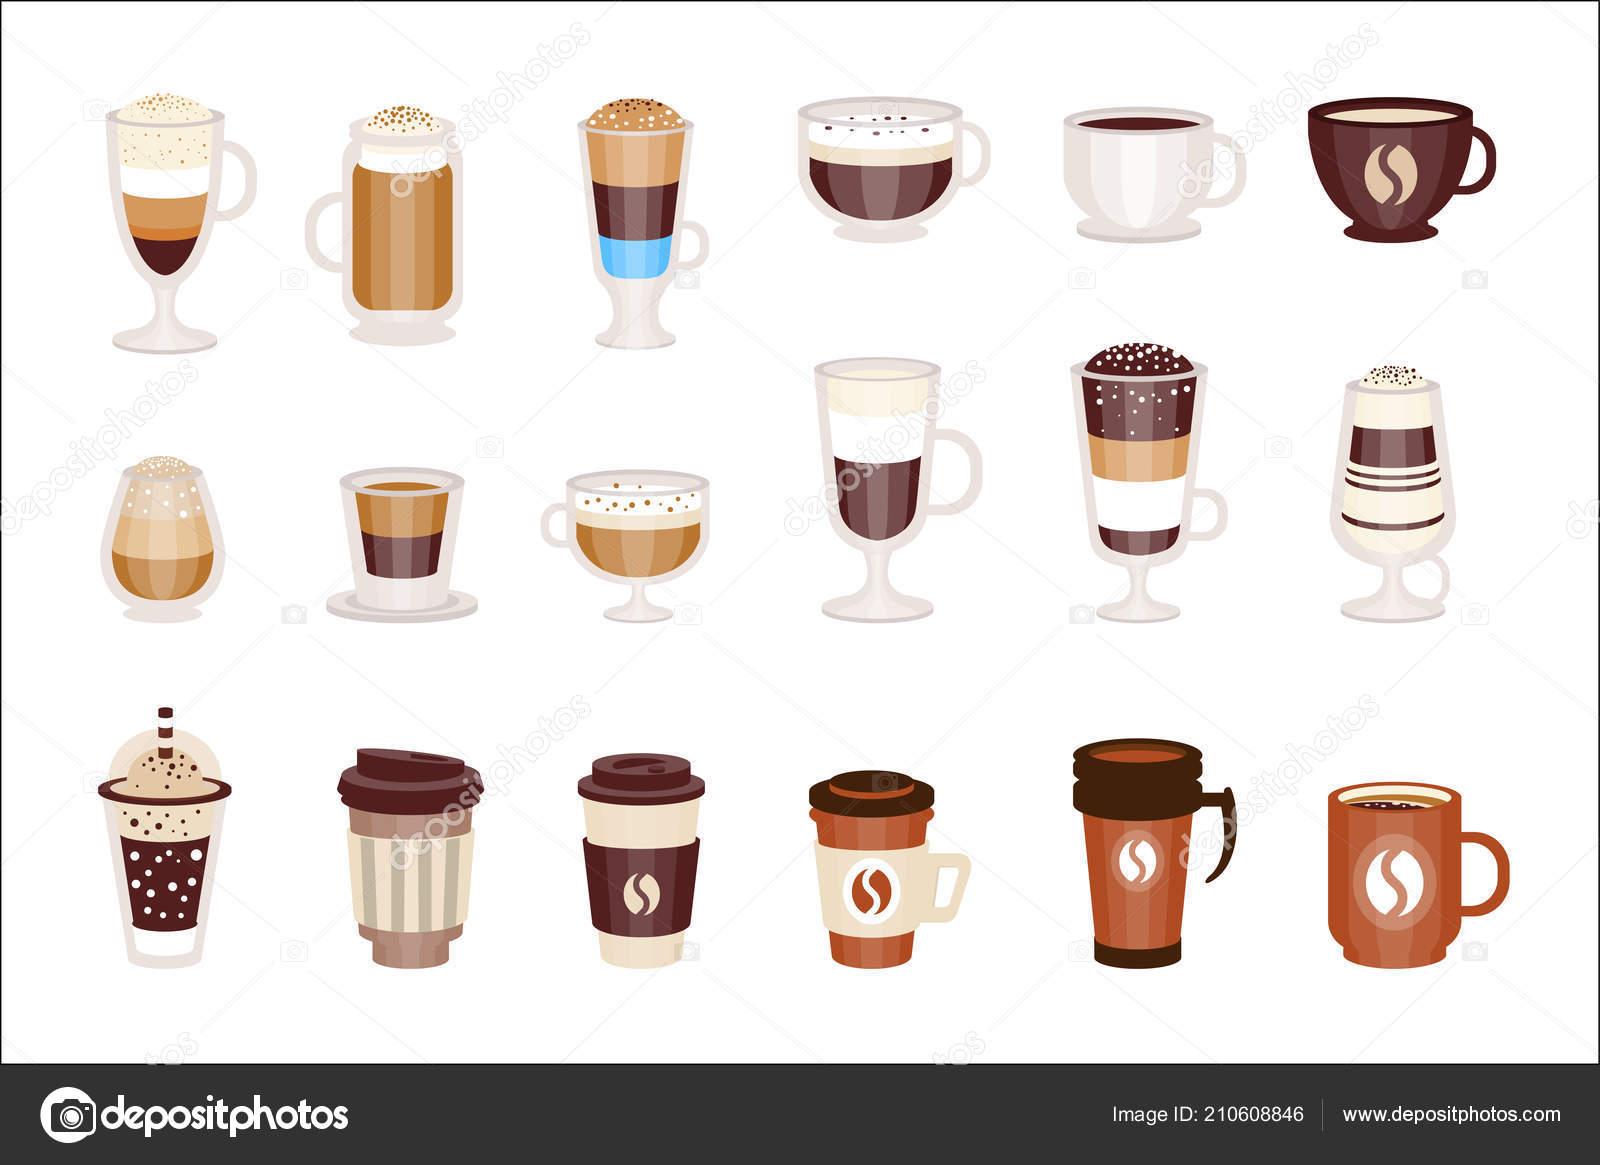 Kafe Cafe Kahve S Cak Ve So Uk Kokteyl Menu Yelpazesine